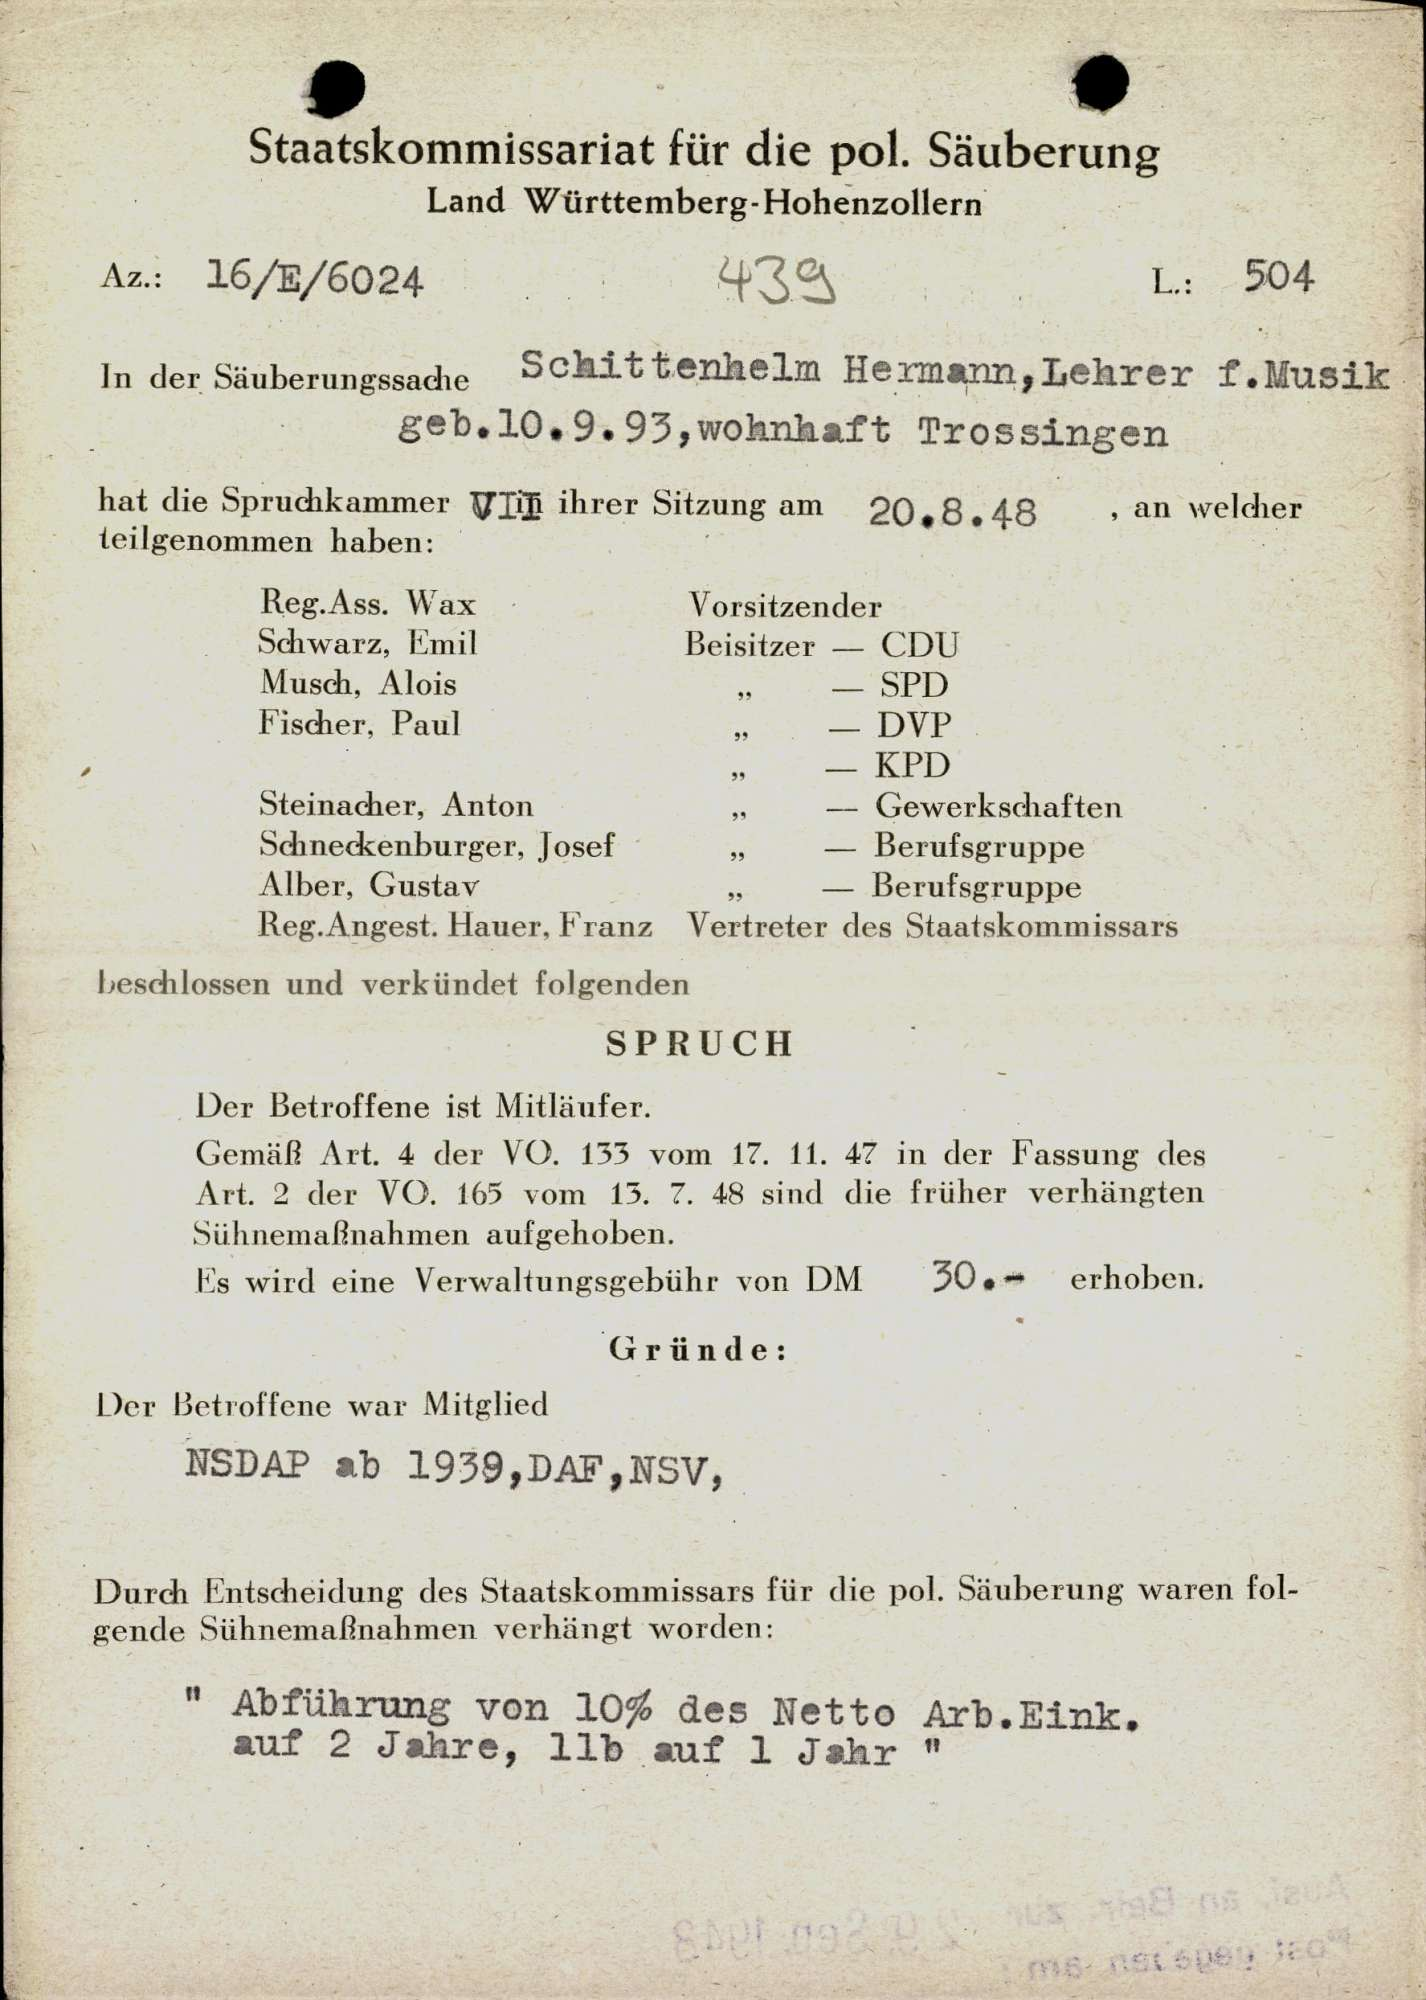 Schittenhelm, Hermann, Bild 1